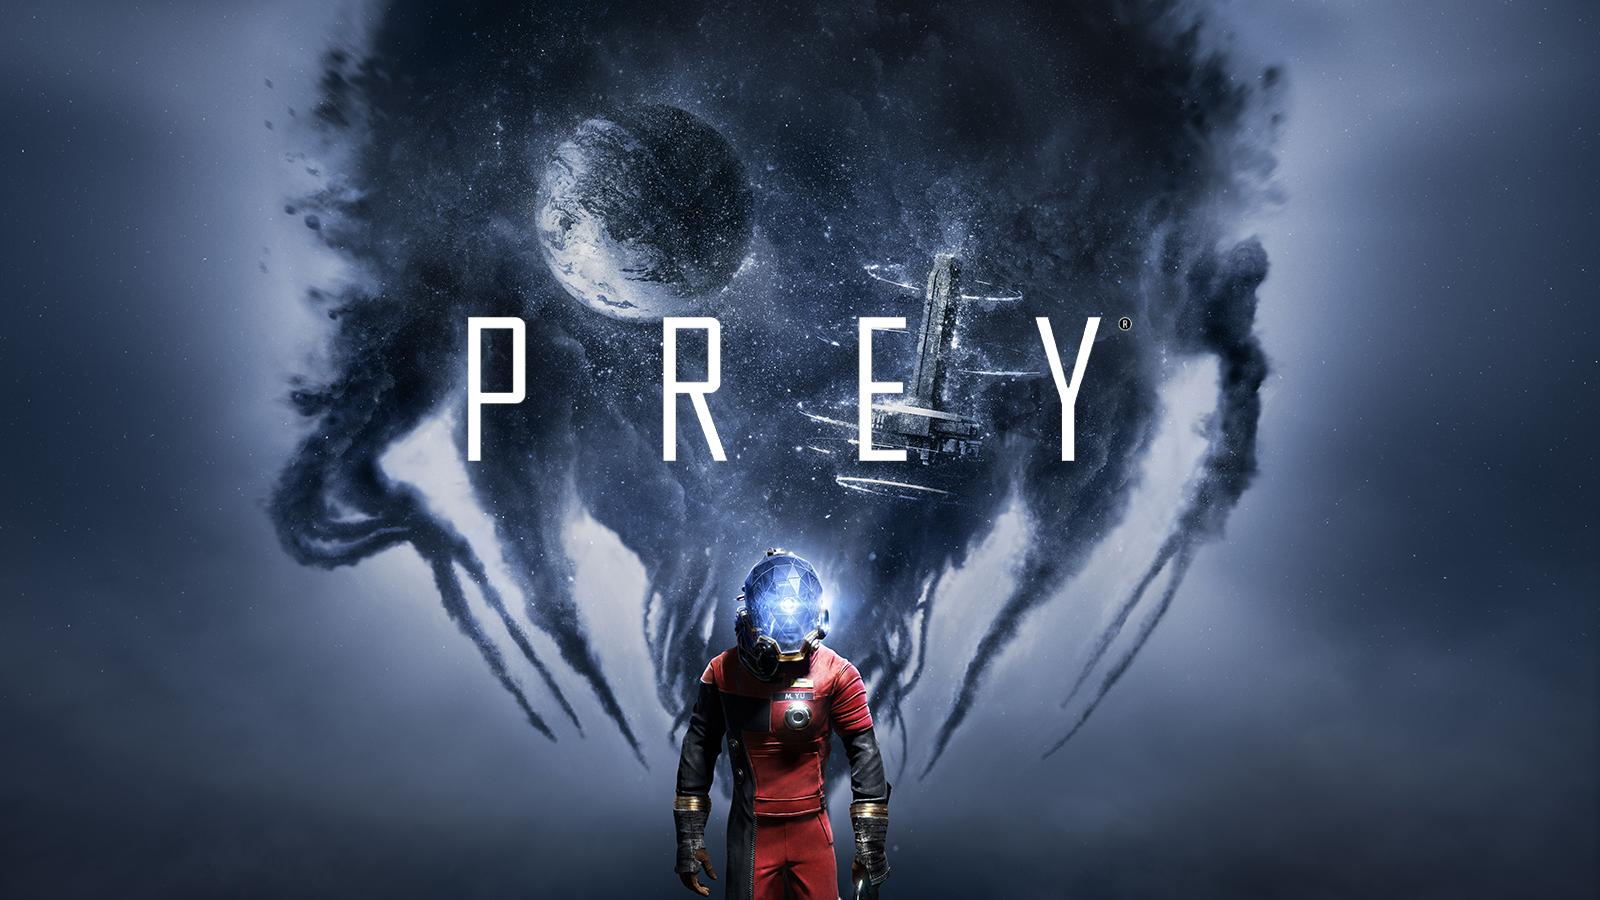 prey-listing-thumb-01-ps4-us-14jun16.png